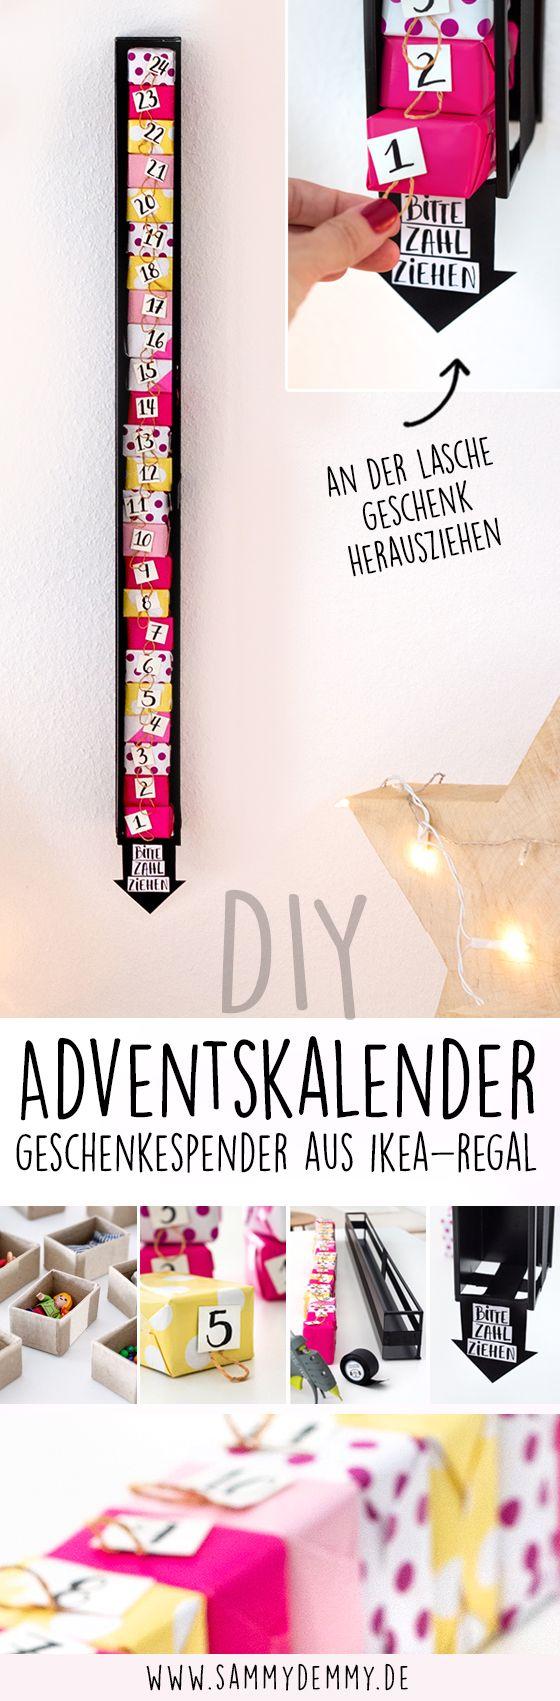 Weihnachtswunderland bei IKEA Sindelfingen und DIY Adventskalender #fotogeschenk